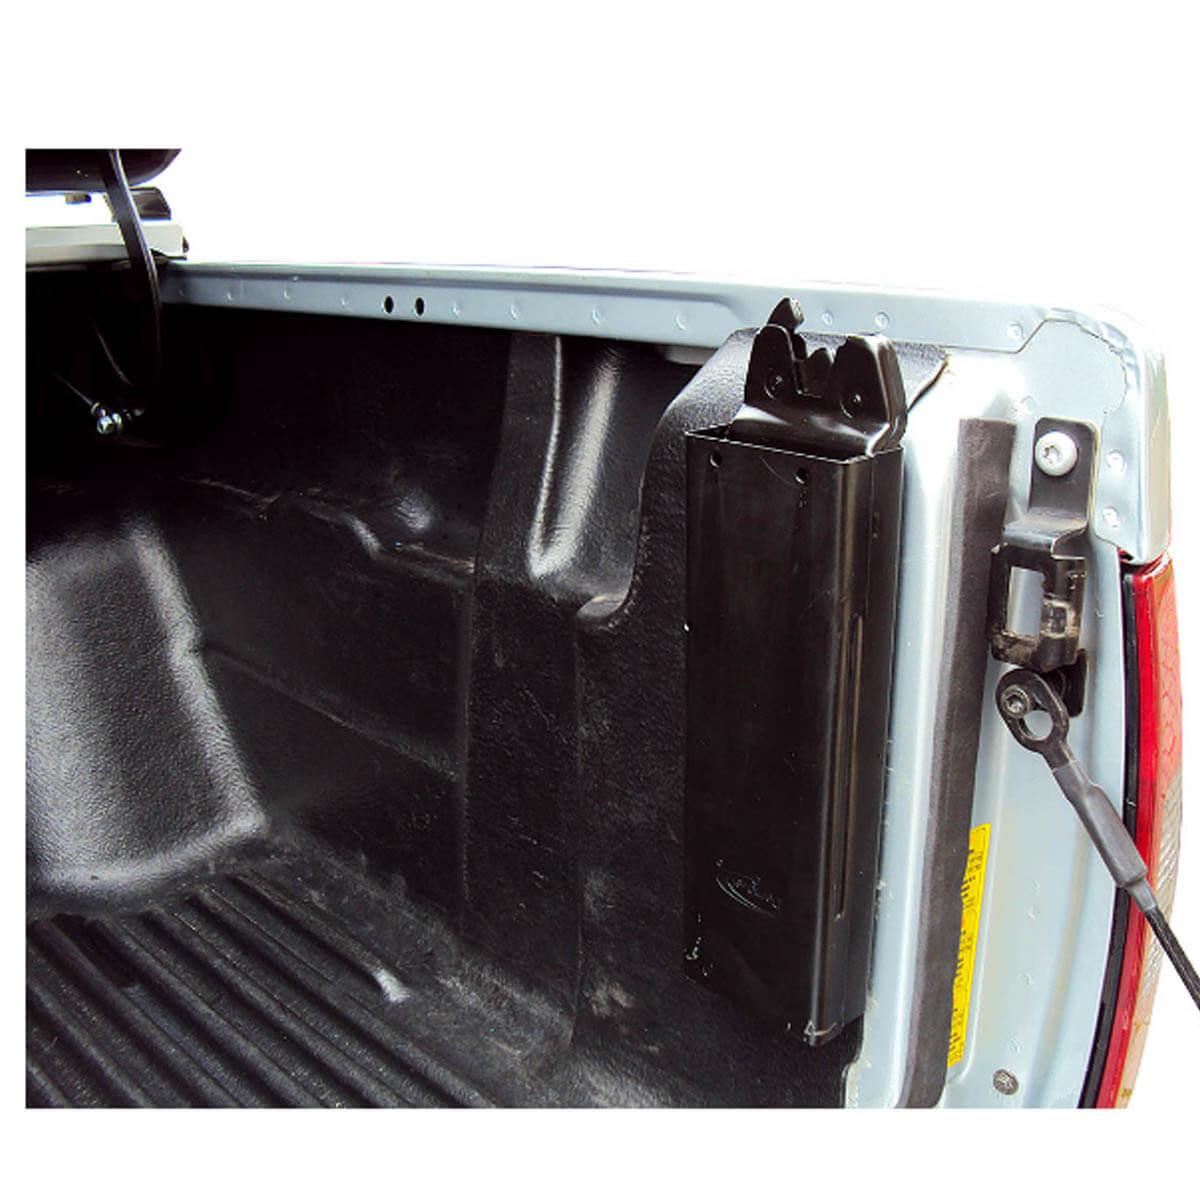 Tampão de aço capota elétrica Nova Ranger cabine dupla 2013 a 2019